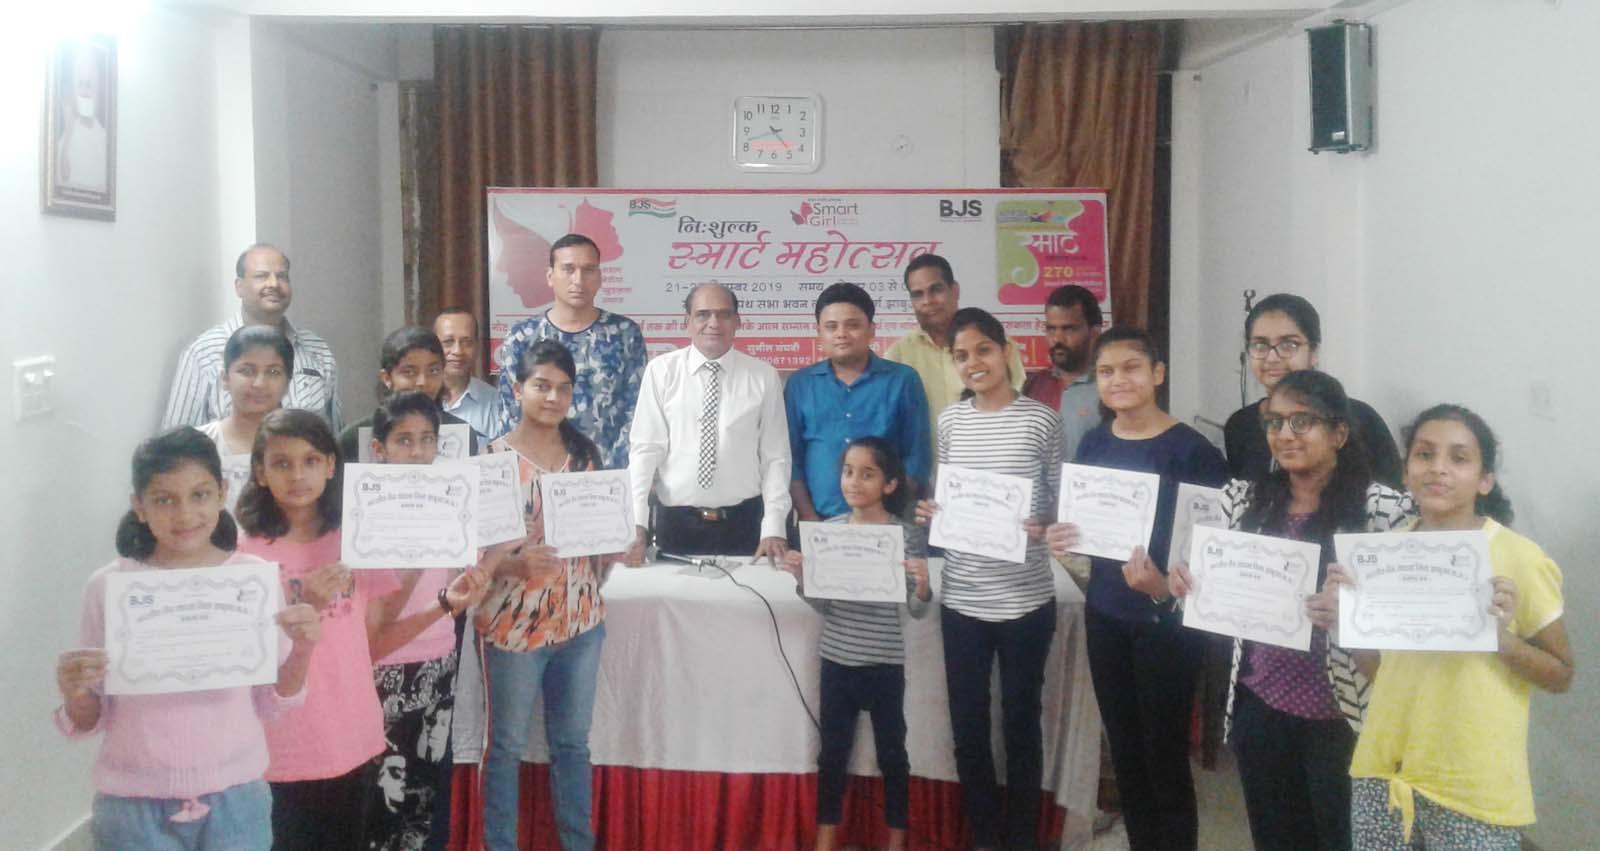 Jhabua News-भारतीय जैन संघटना की दो दिवसीय 'स्मार्ट गलर्स' कार्यशाला का समापन